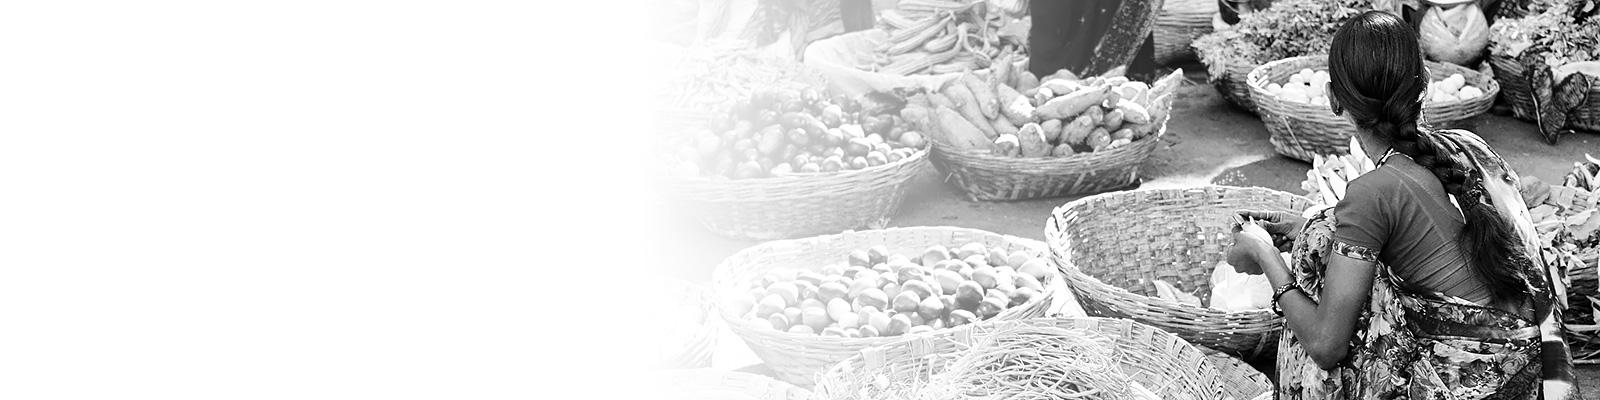 インド マーケット 食文化 イメージ